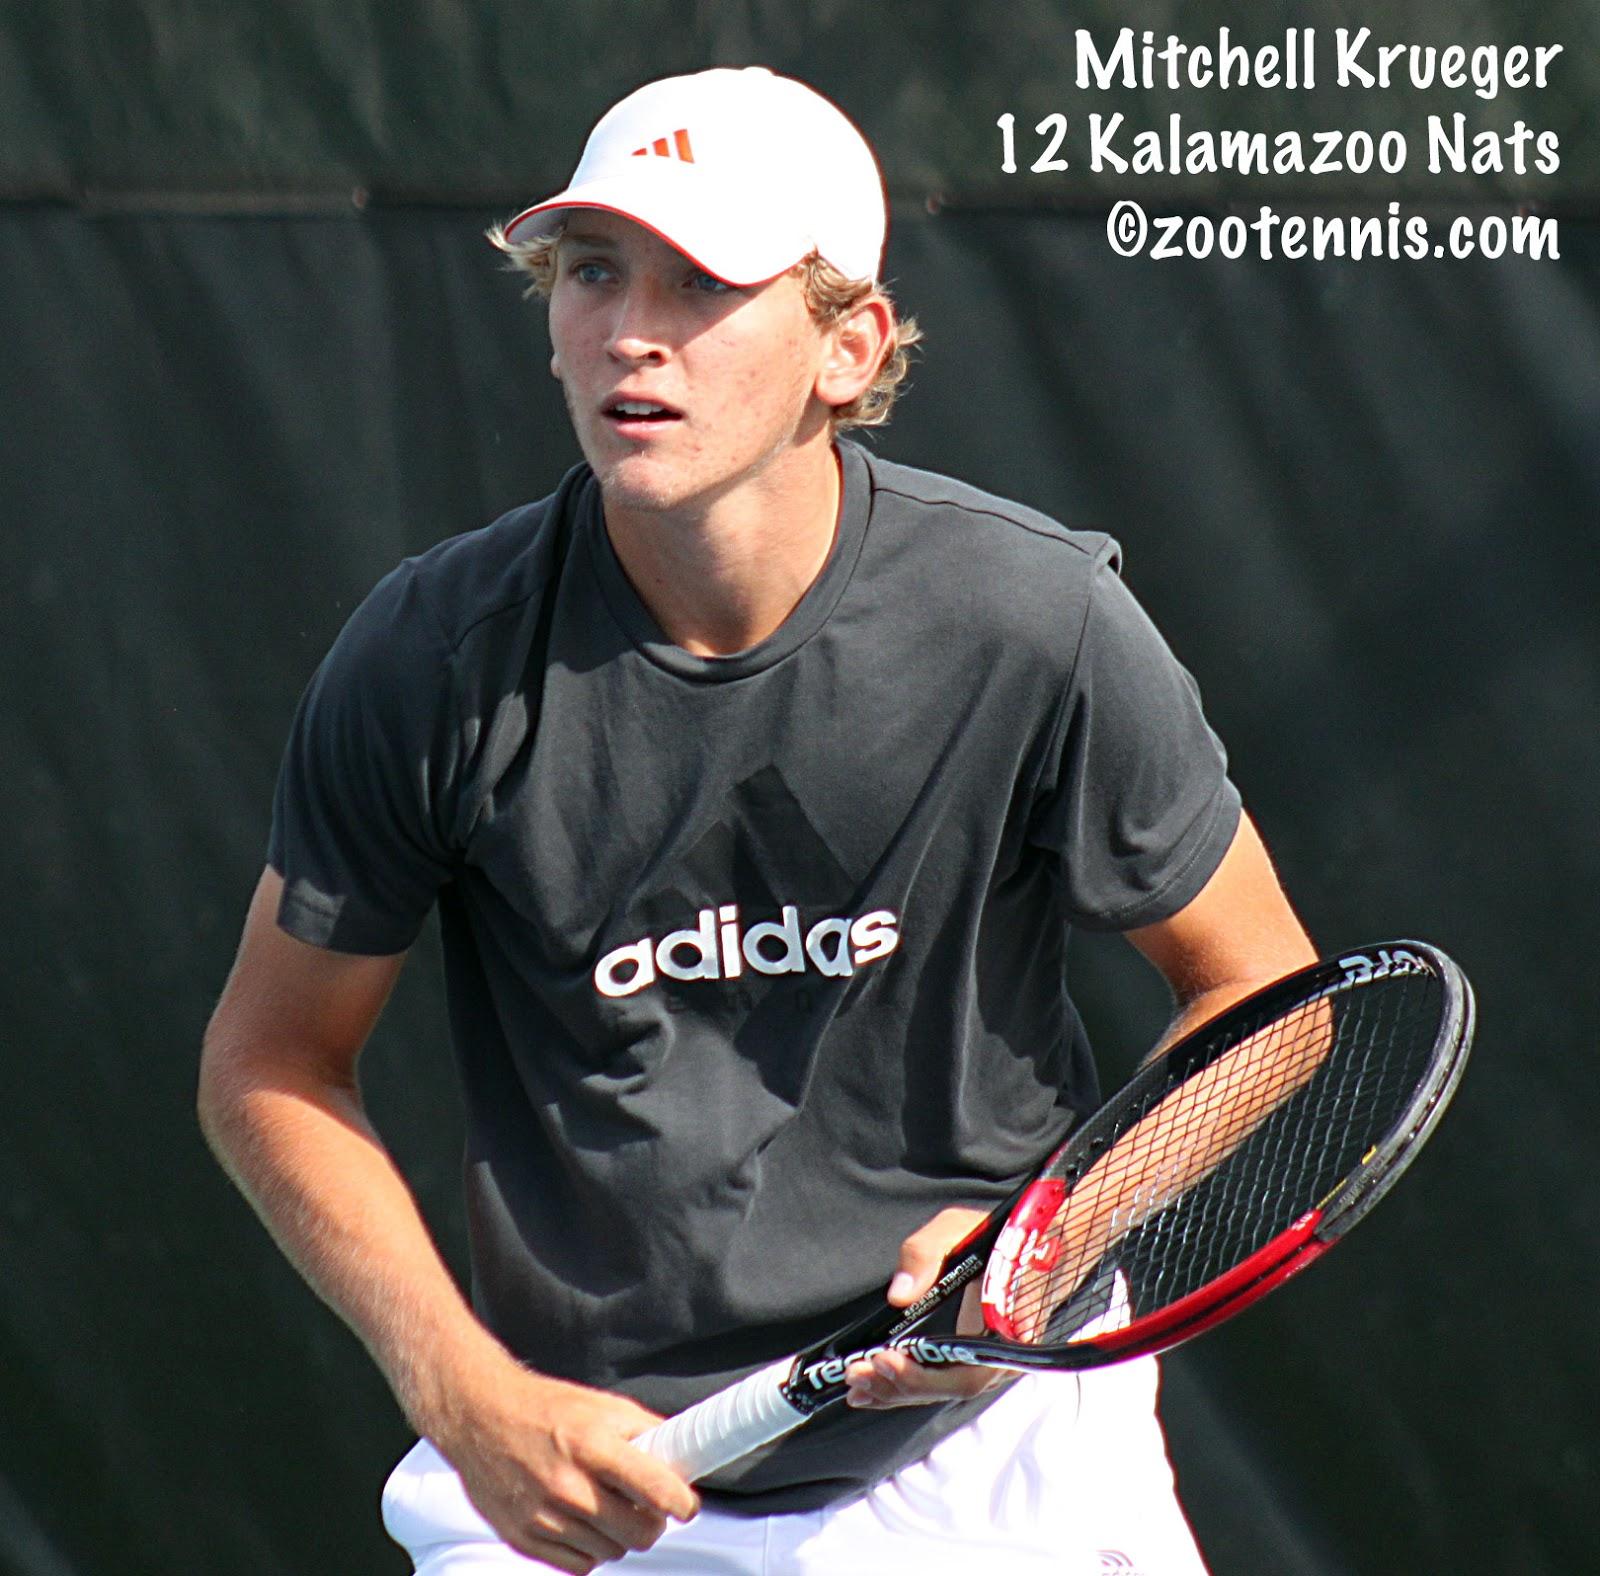 Mitchell Krueger